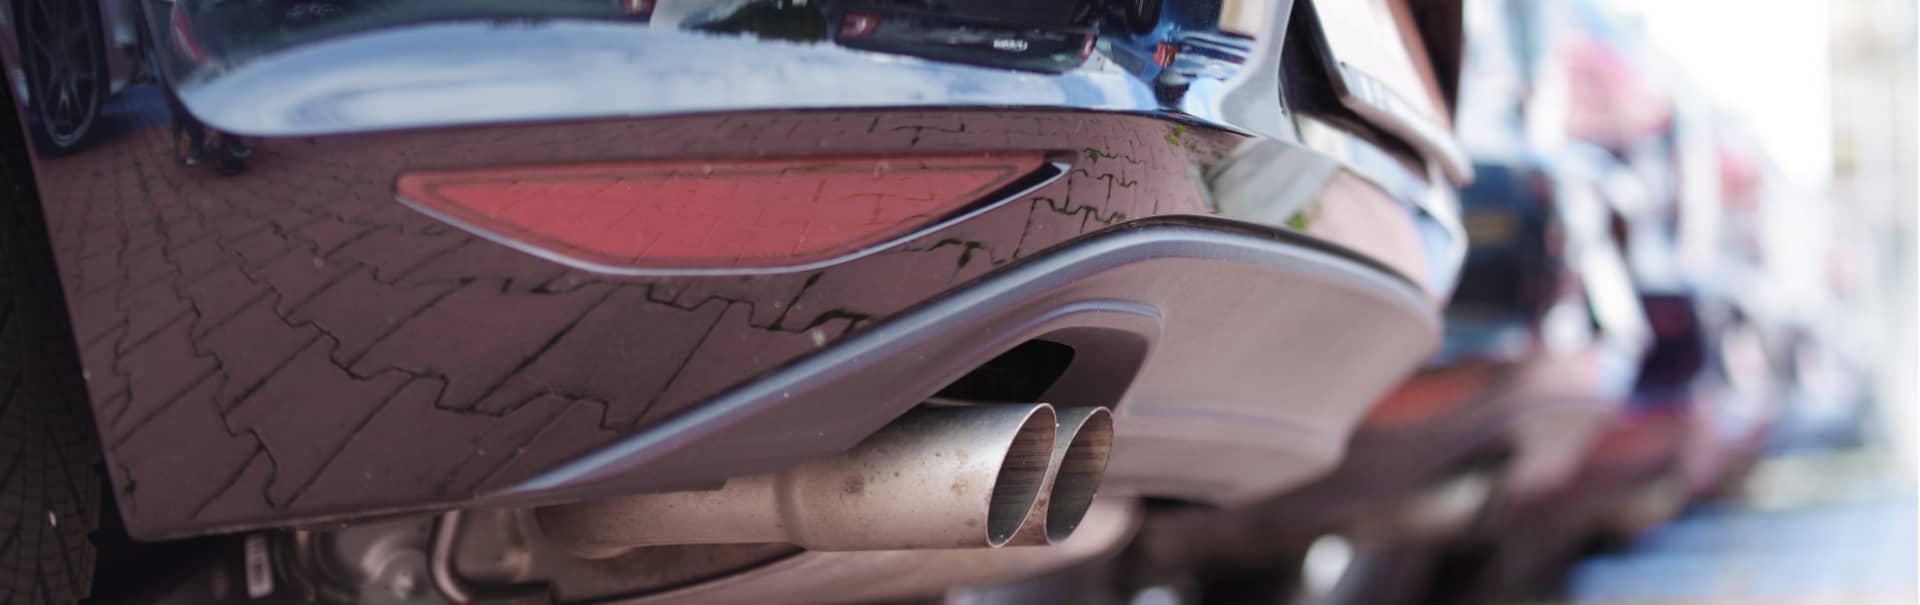 Geheimer Rückruf? – Der Motor EA288 im Abgasskandal